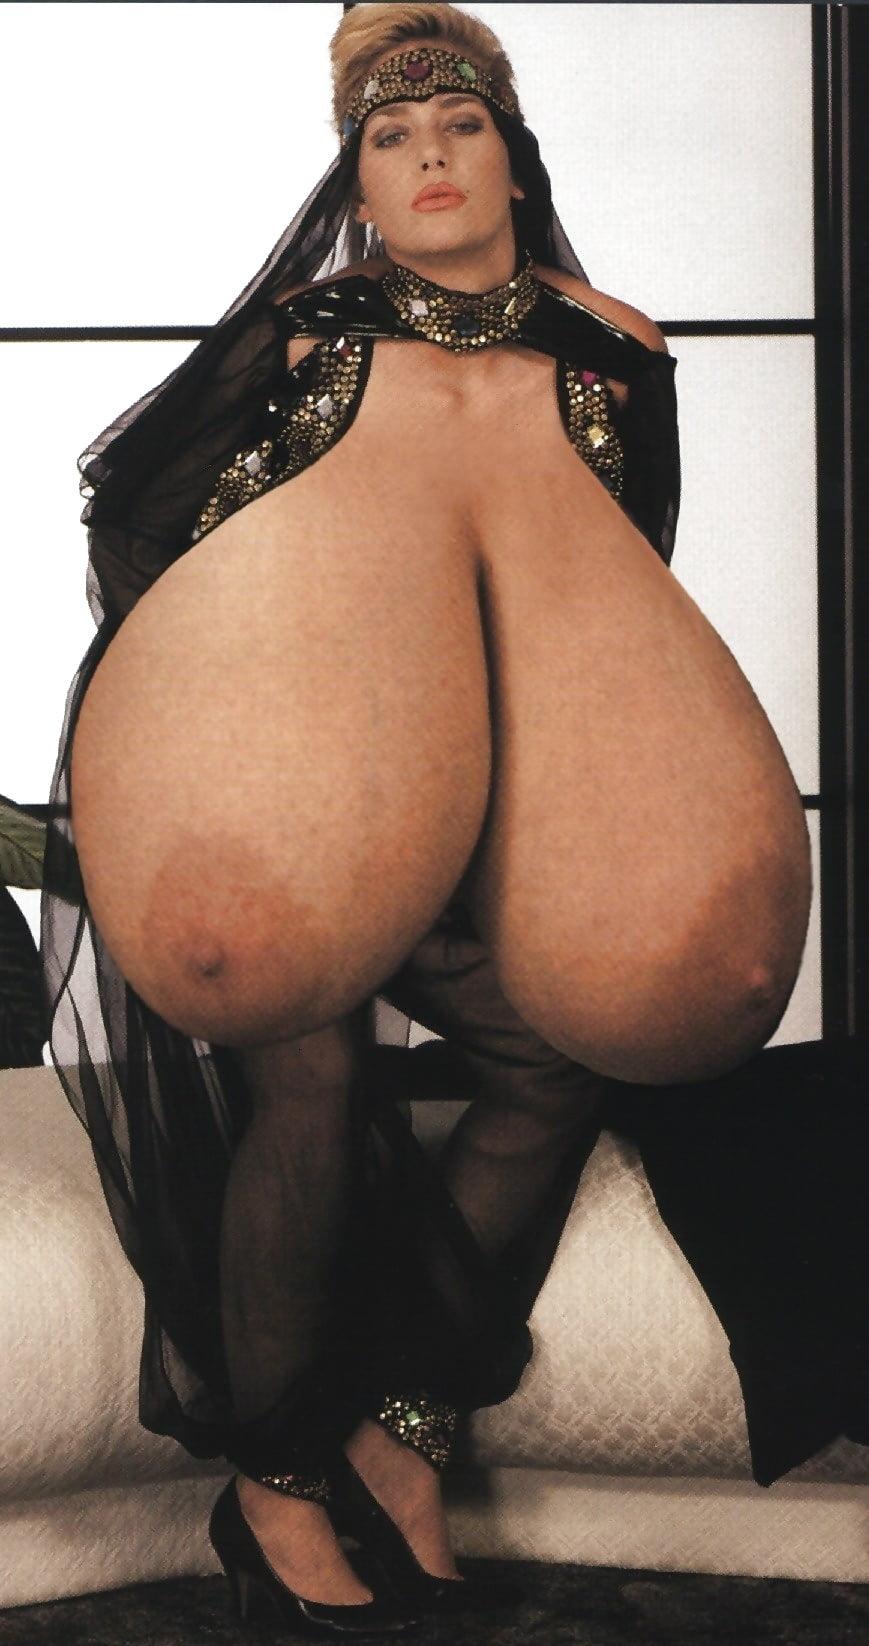 Art erotic gallery german met nude picture woman